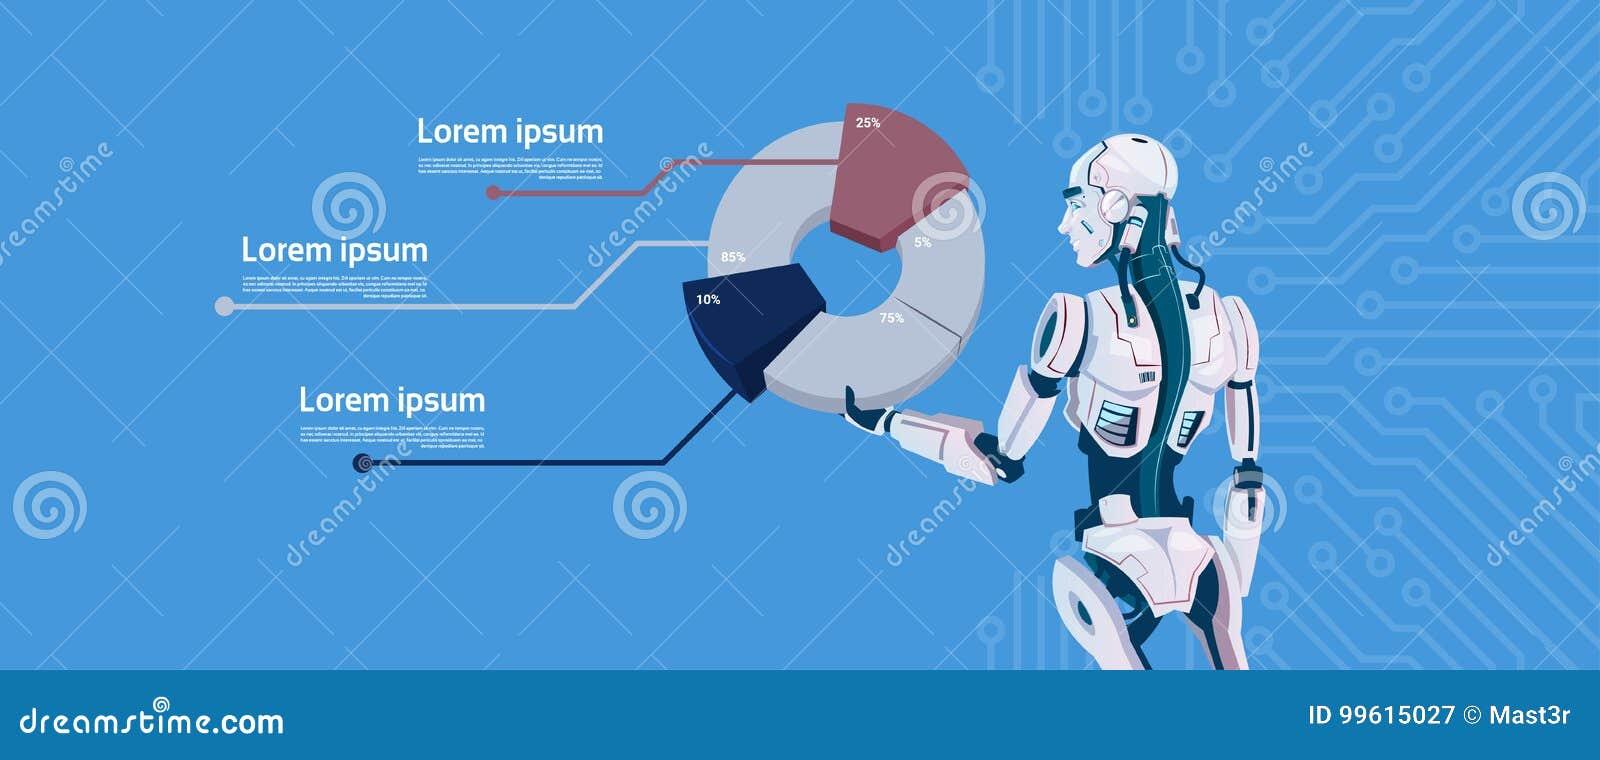 Diagrama gráfico da posse moderna do robô, tecnologia futurista do mecanismo da inteligência artificial